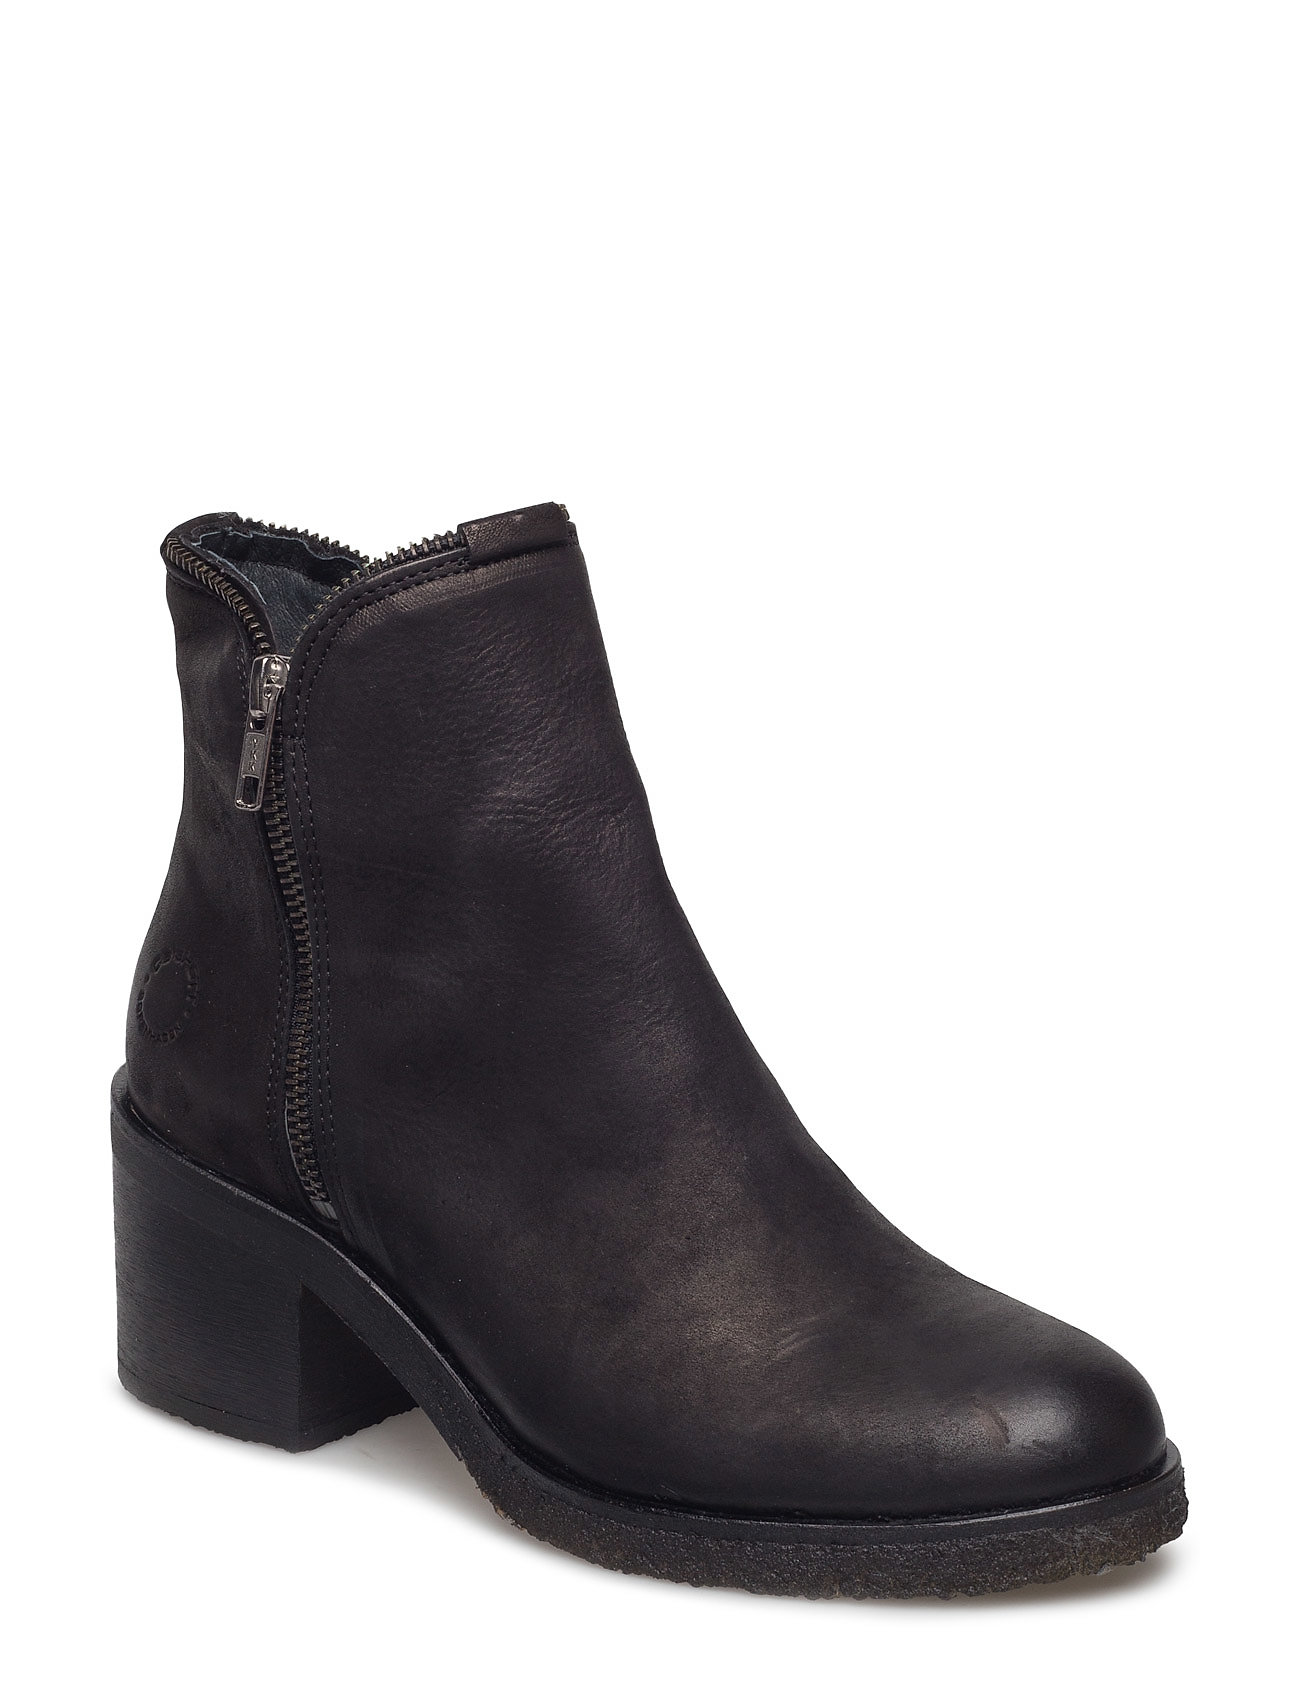 Boots CASHOTT Støvler til Damer i Sort